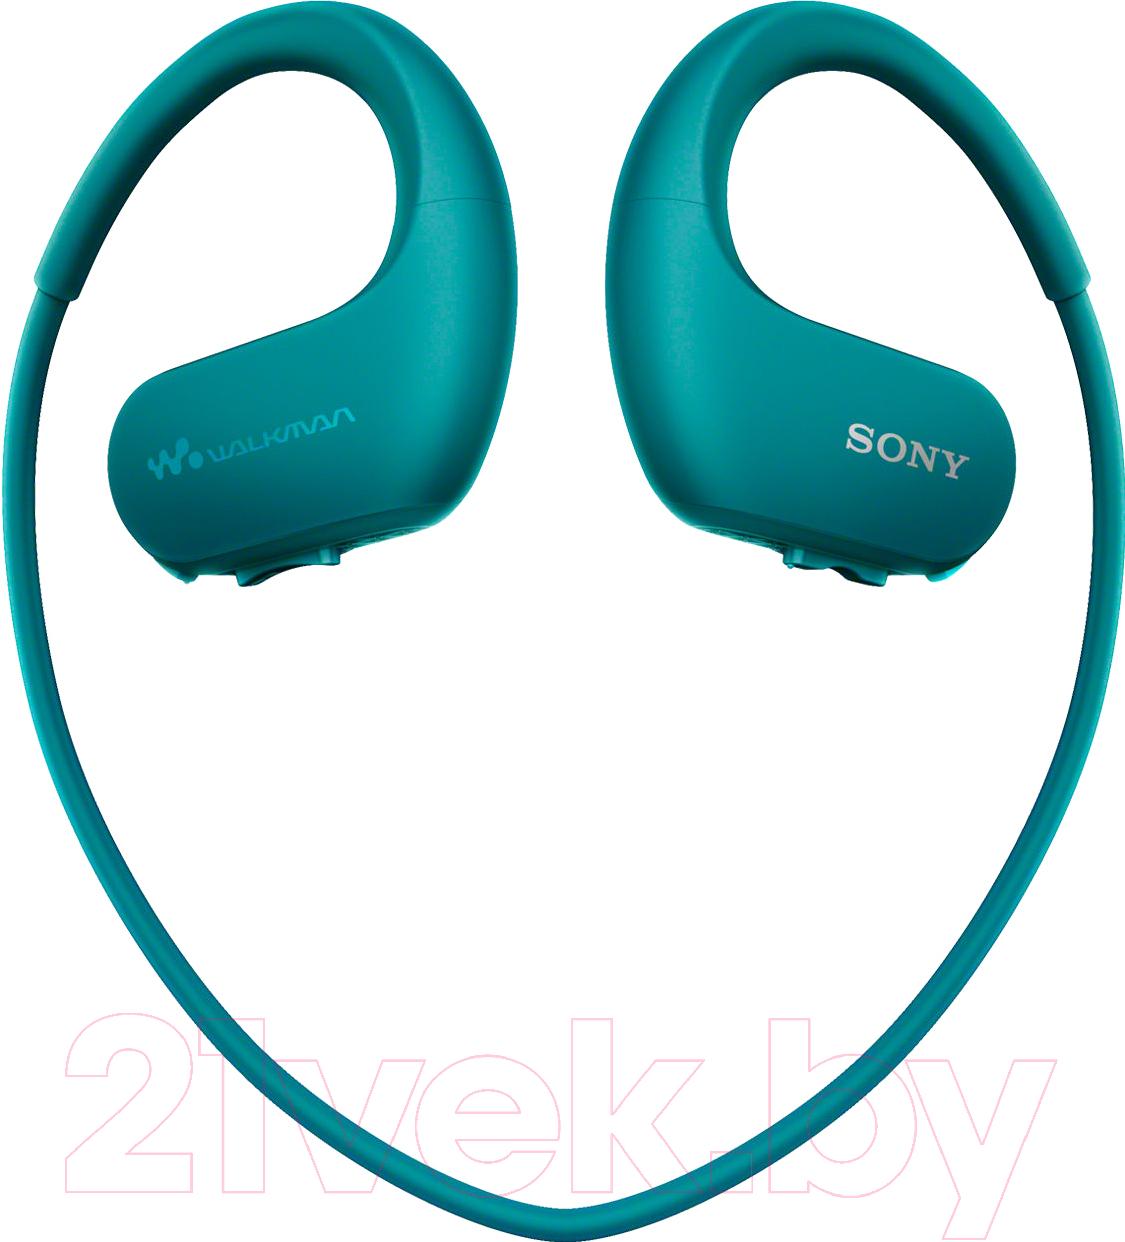 Купить Наушники-плеер Sony, NW-WS414L (голубой), Китай